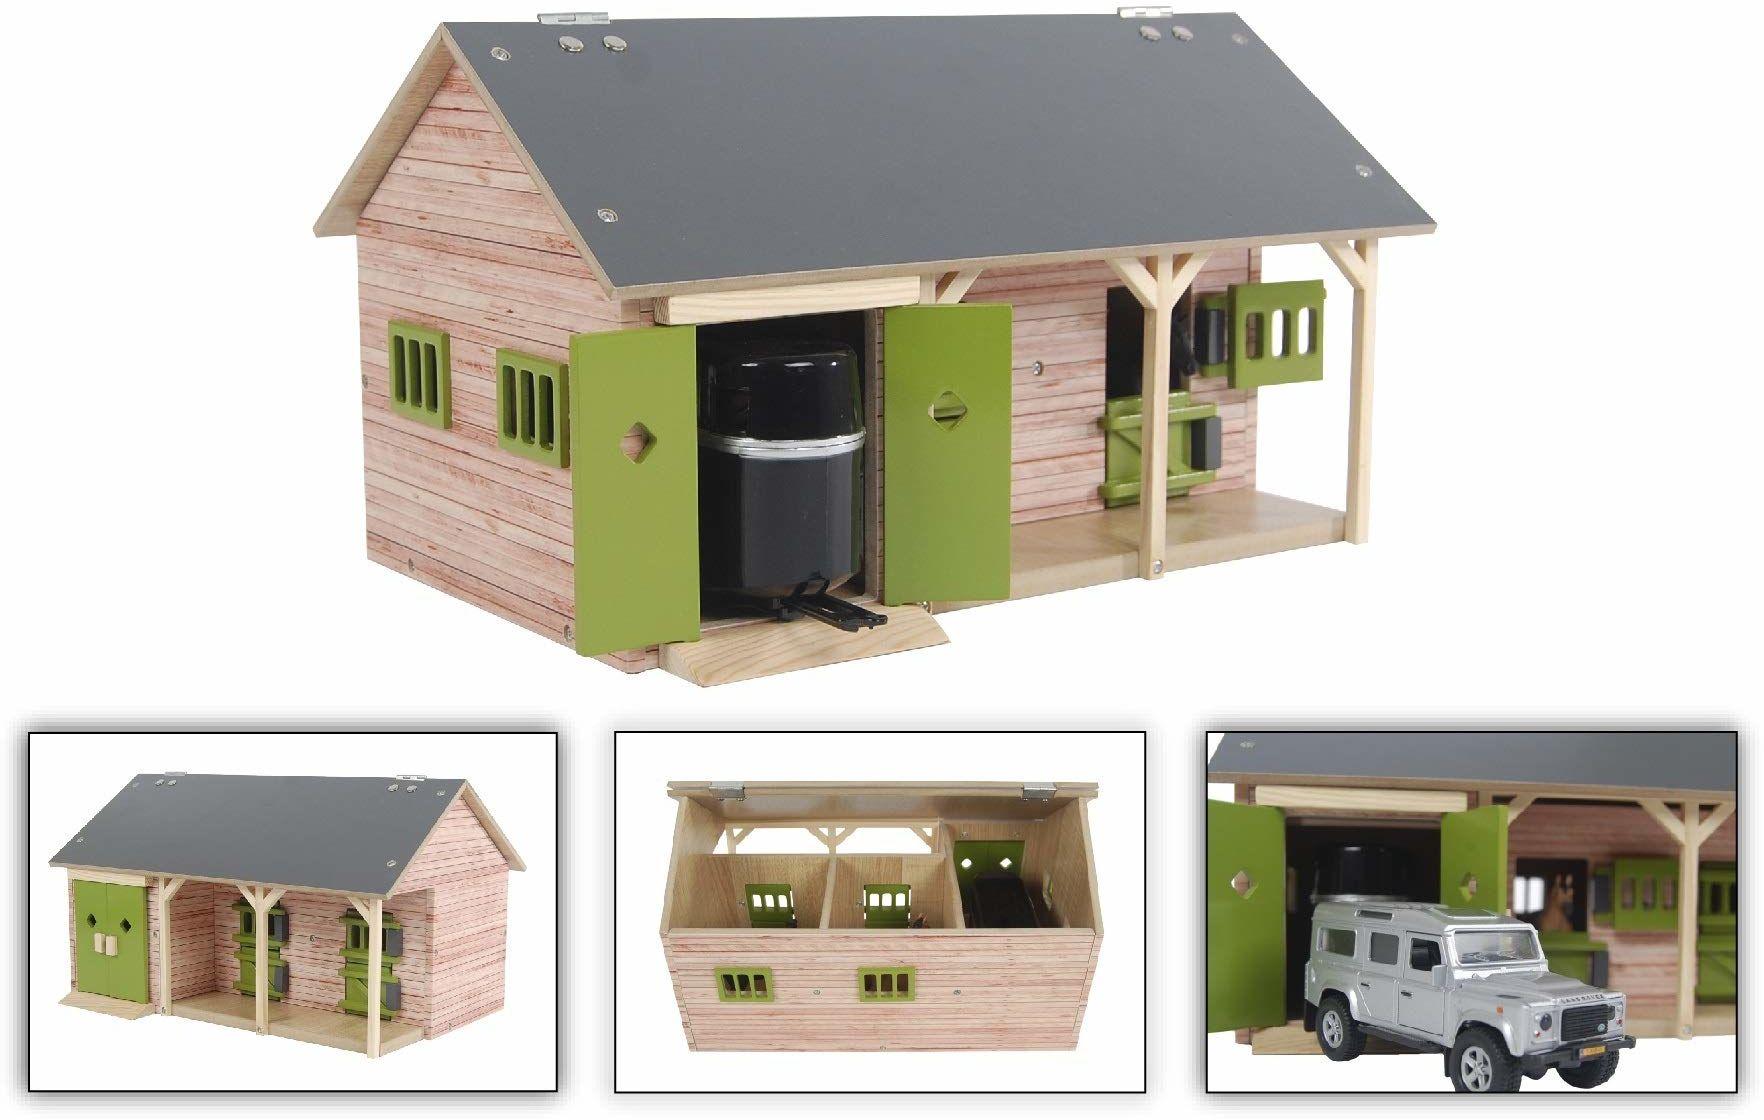 Kids Globe Stajnia dla koni 1:32 (z 2 pudełkami na konie, 1 przestrzeń do przechowywania, bez koni i akcesoriów, domek dla dzieci, kolor drewna/zielona) 610249